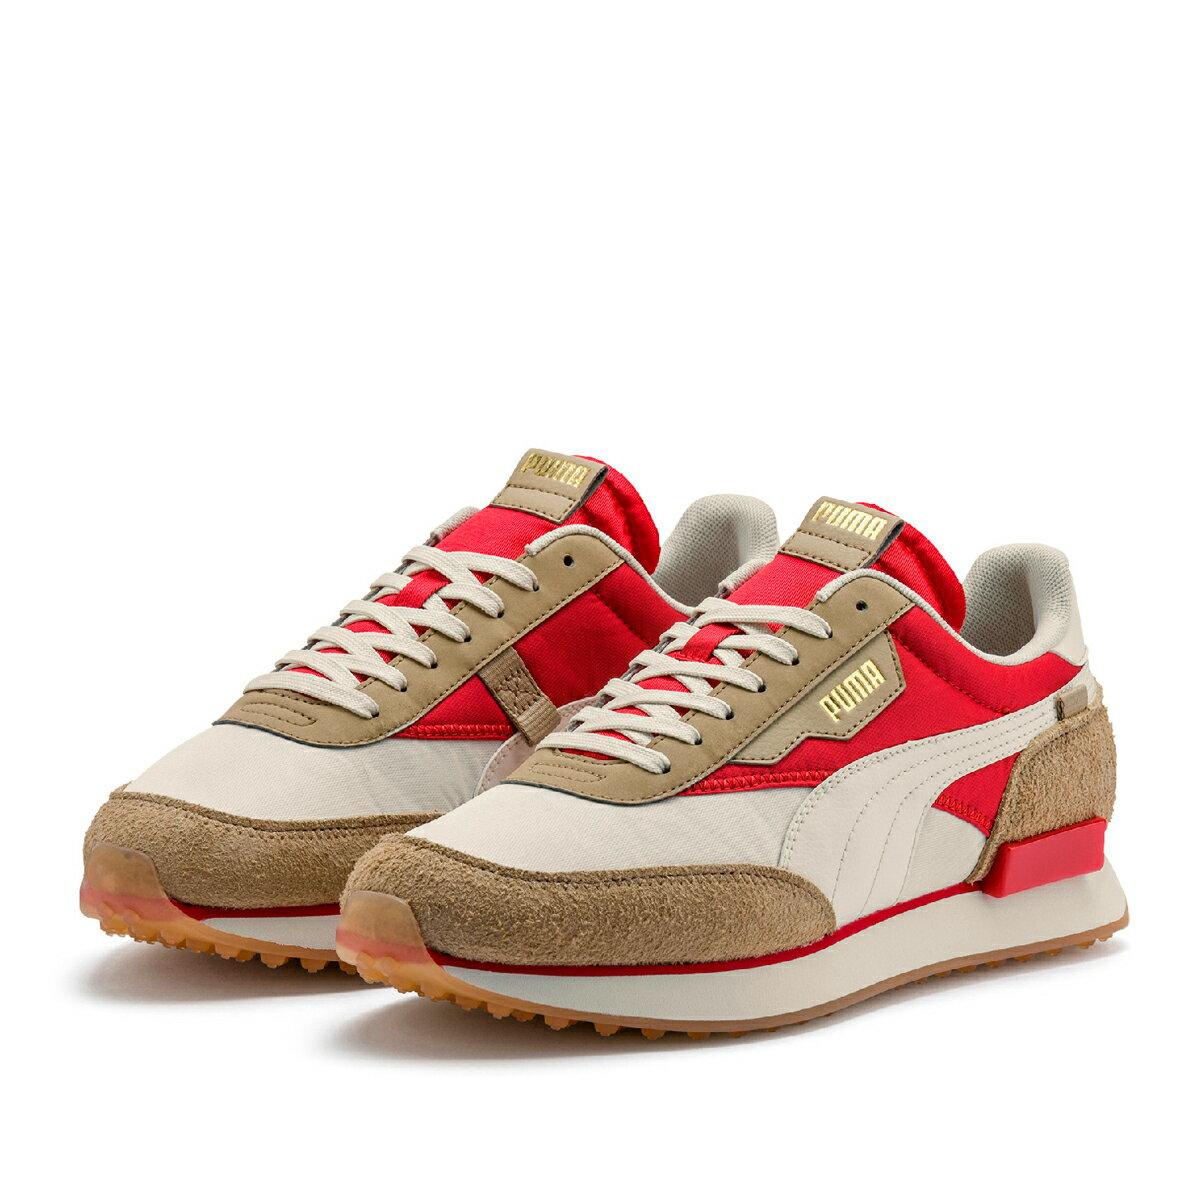 メンズ靴, スニーカー PUMA FUTURE RIDER GAME ON(WHISPER WHITE)( )20SP-S